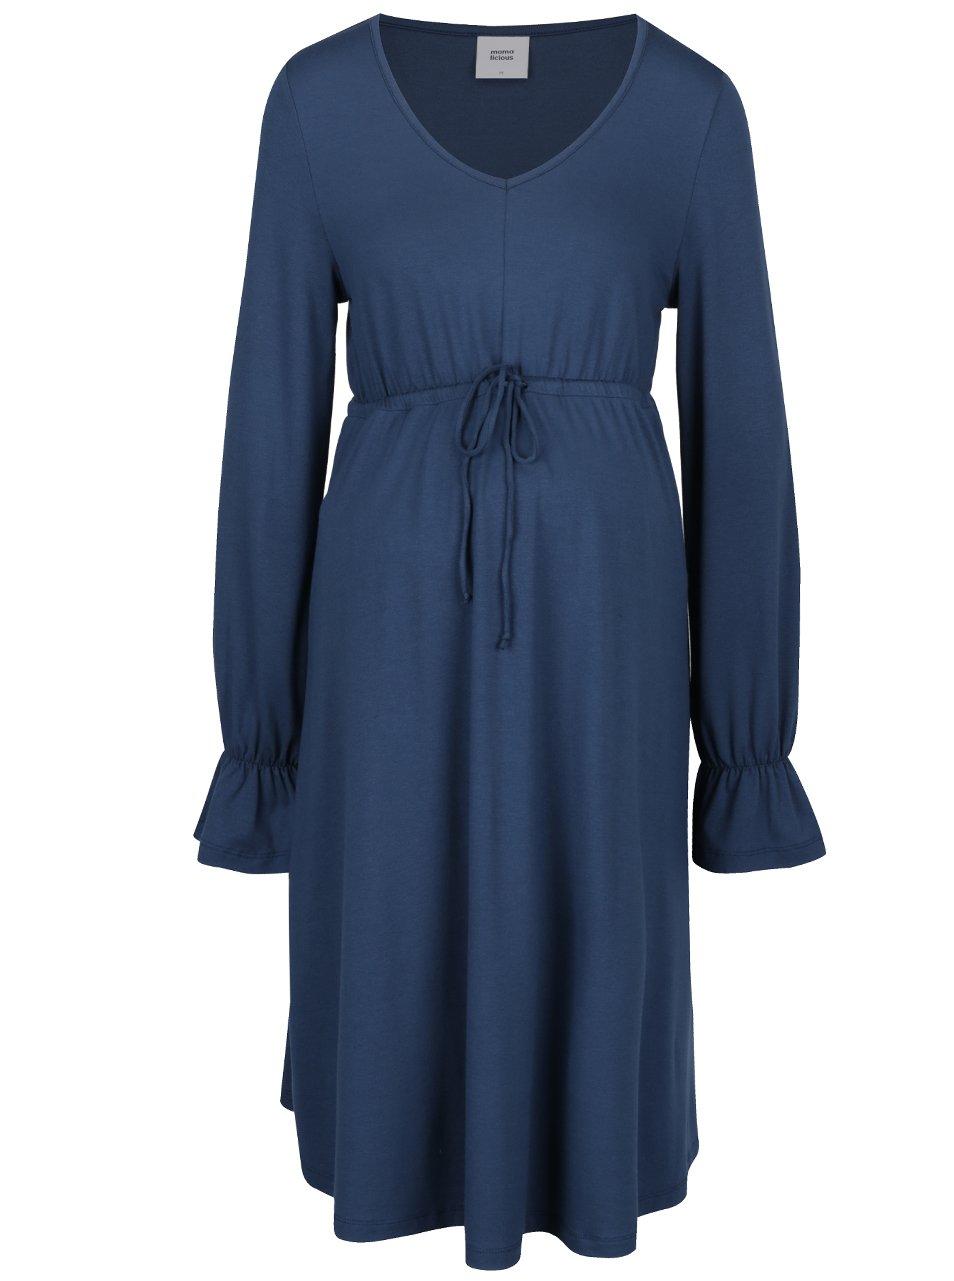 Modré těhotenské šaty se stahováním v pase Mama.licious Sophie